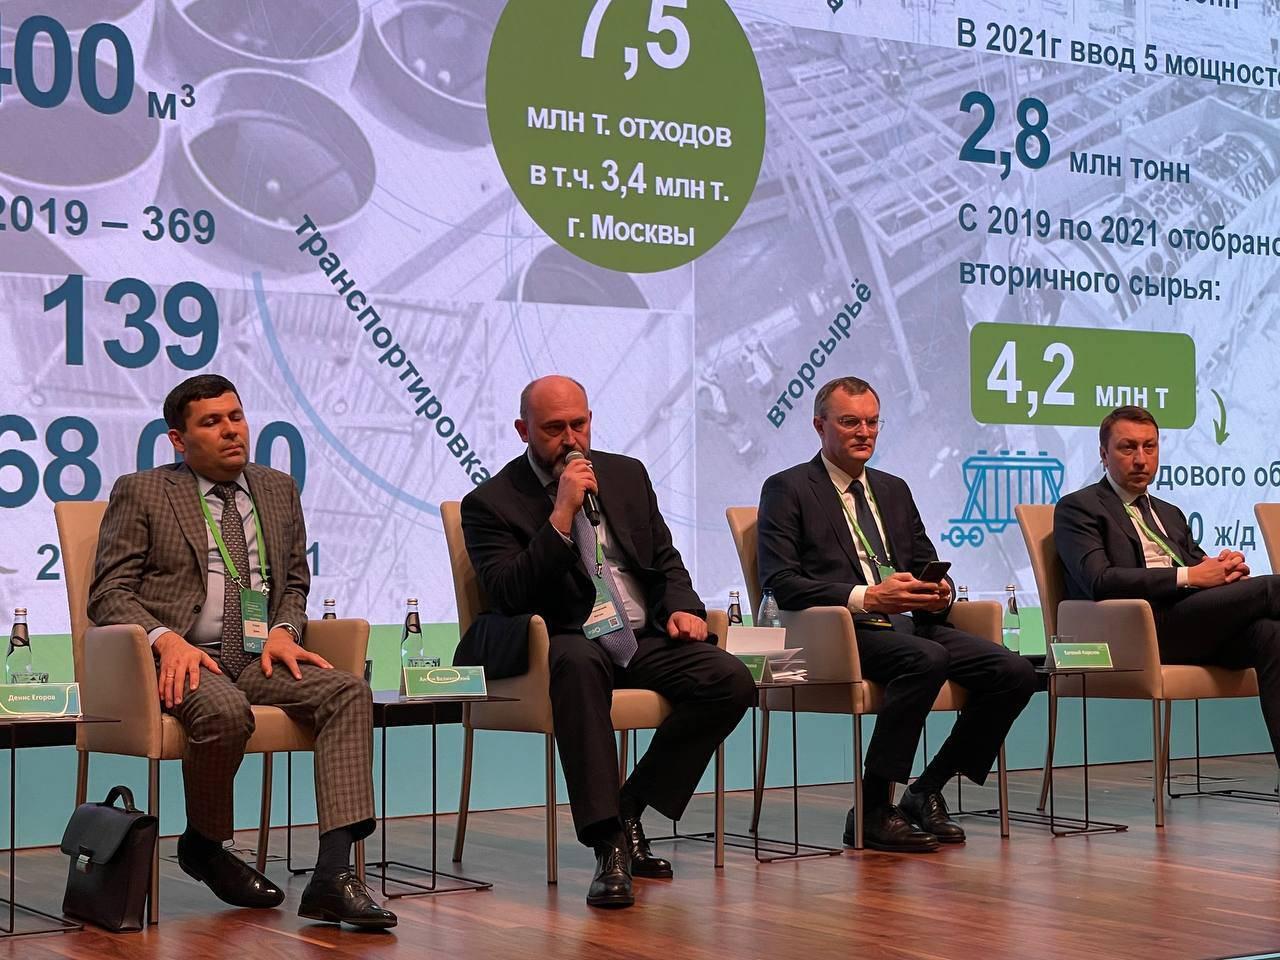 Российский экологический форум открылся в Подмосковье | Изображение 1